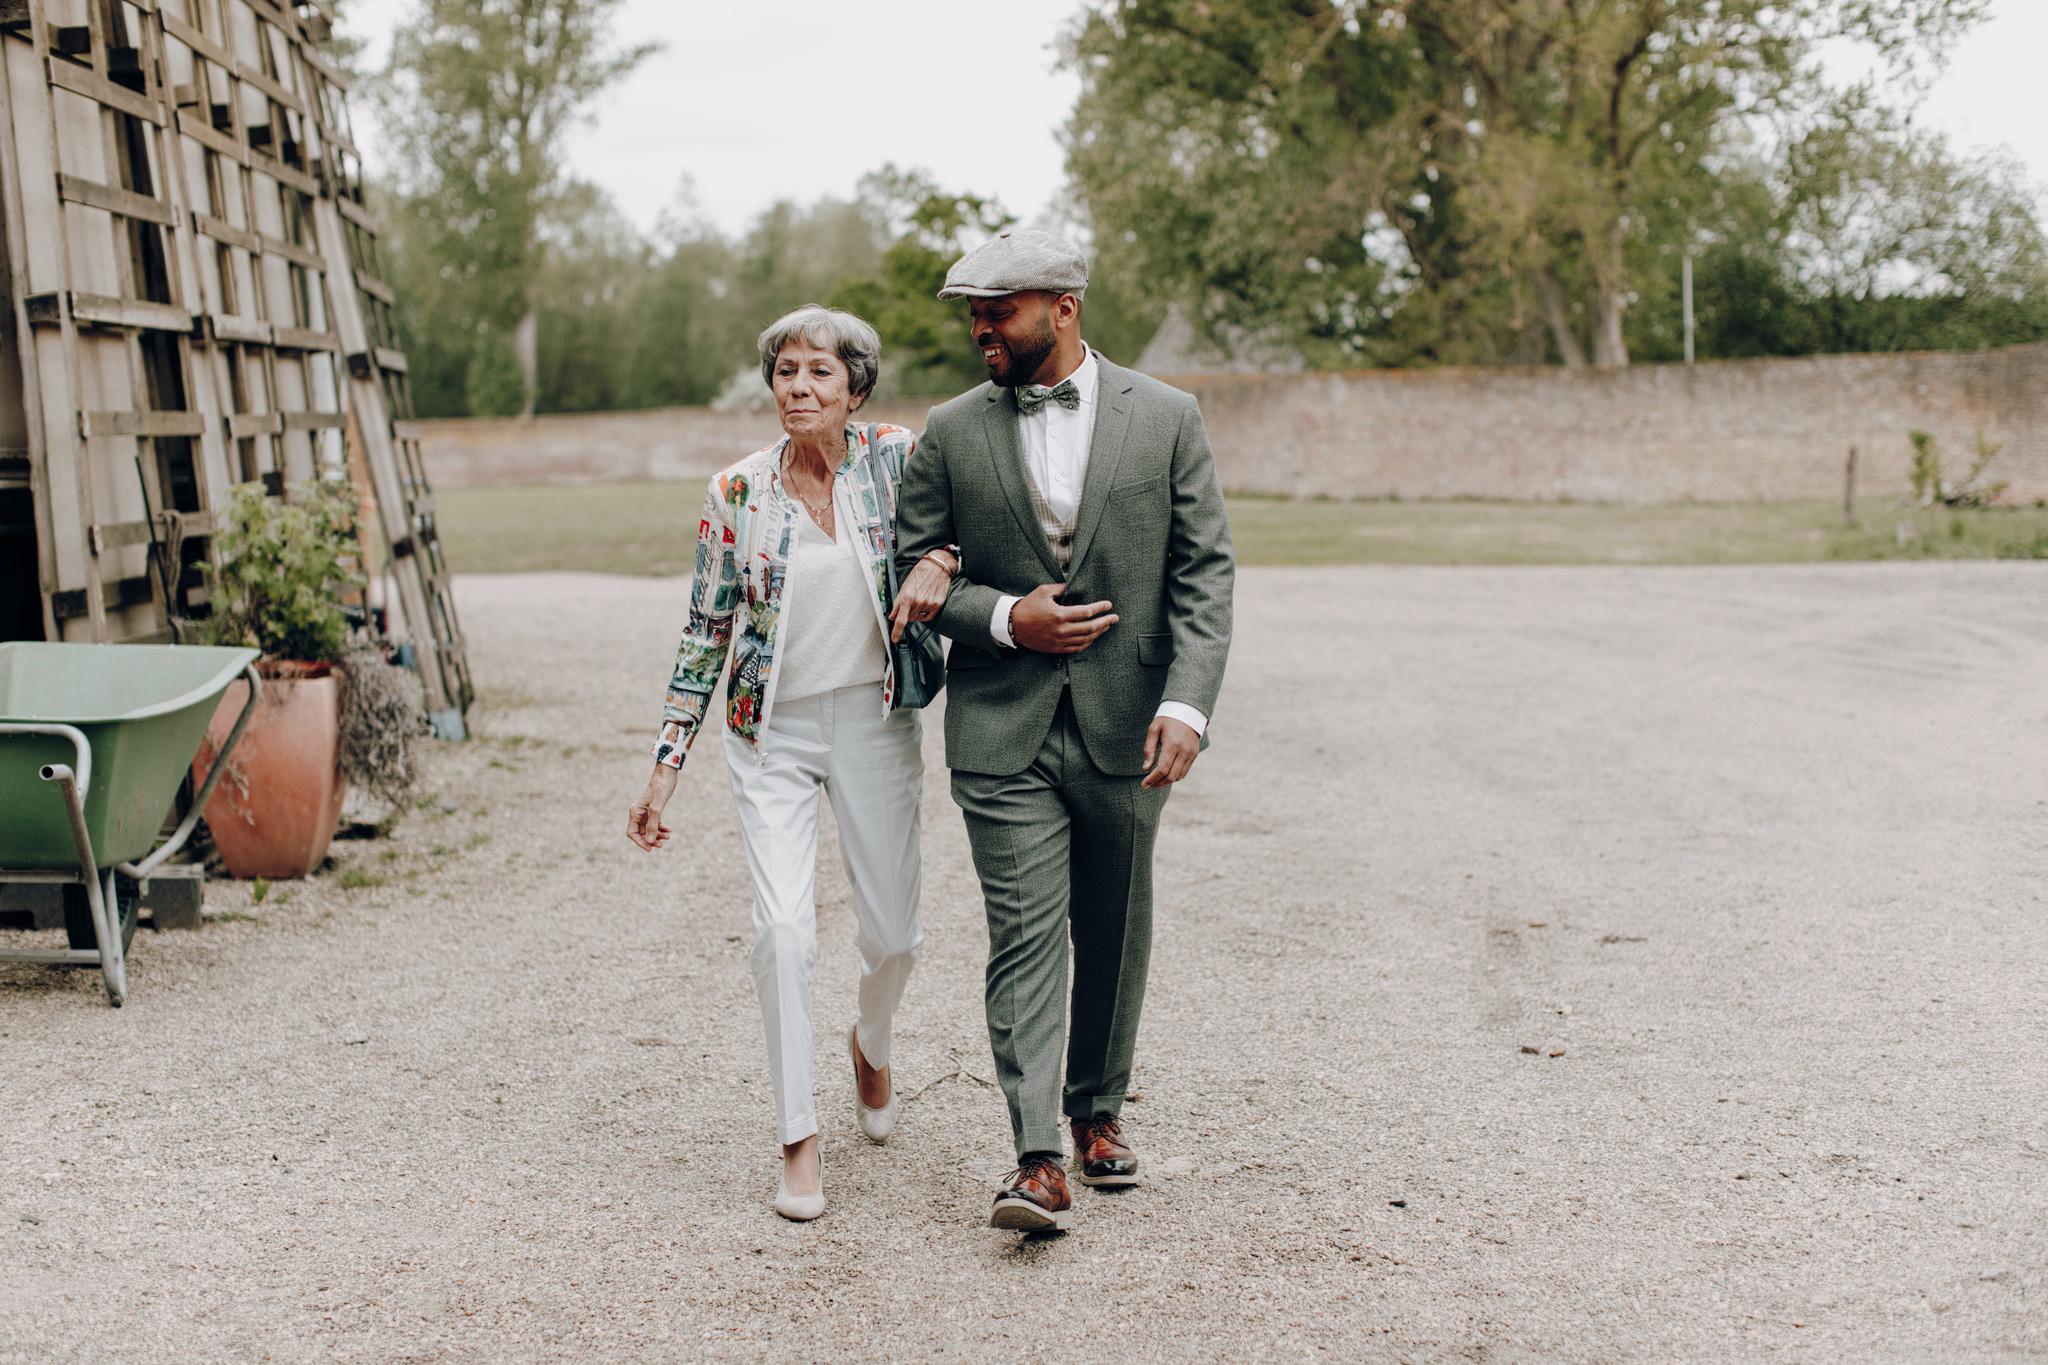 Bruidegom loopt met moeder naar trouwceremonie bij Kloster Graefenthal